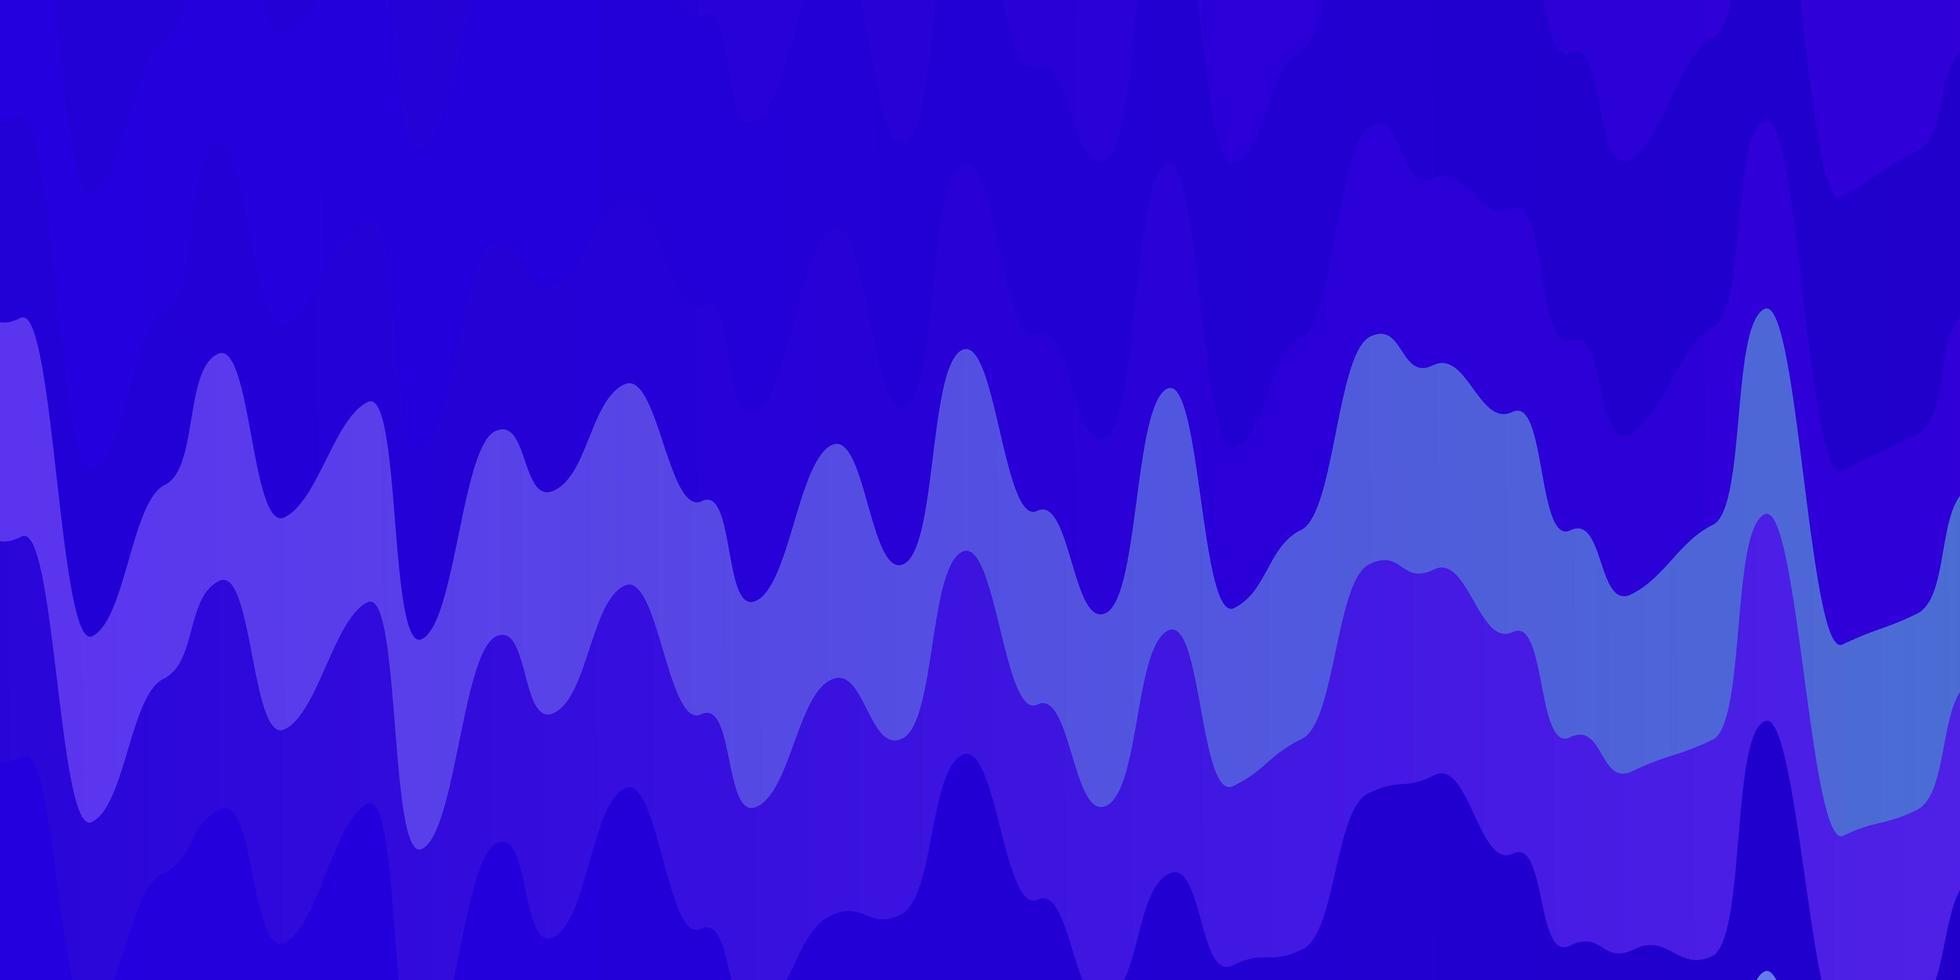 modello vettoriale rosa chiaro, blu con curve.